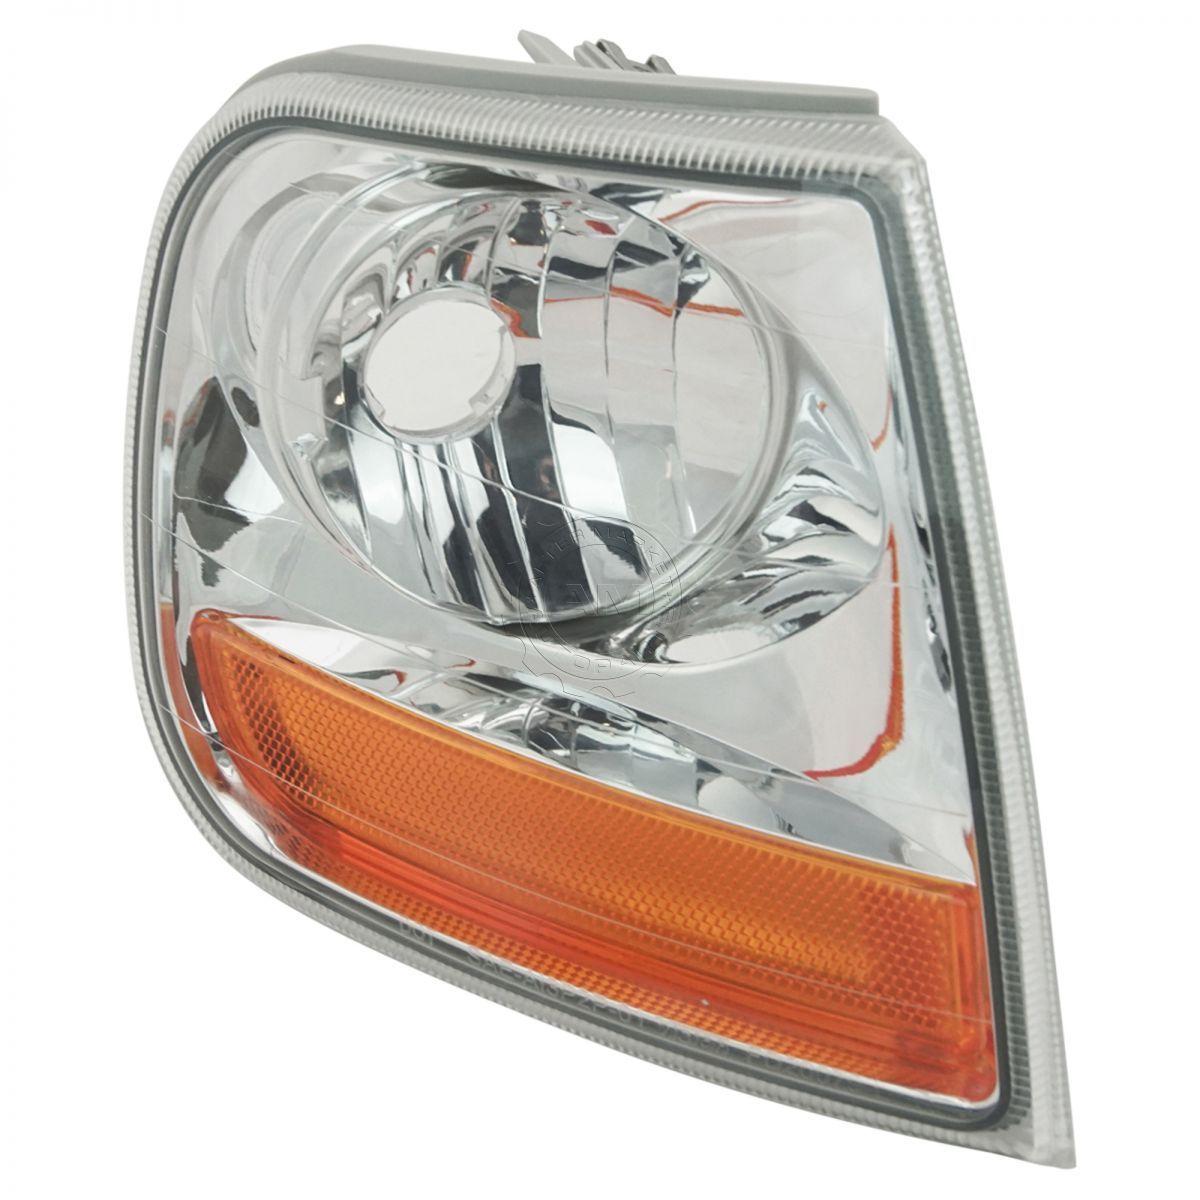 New Fog Light Lamp Driver or Passenger Side F150 Truck RH LH Driver//Passenger